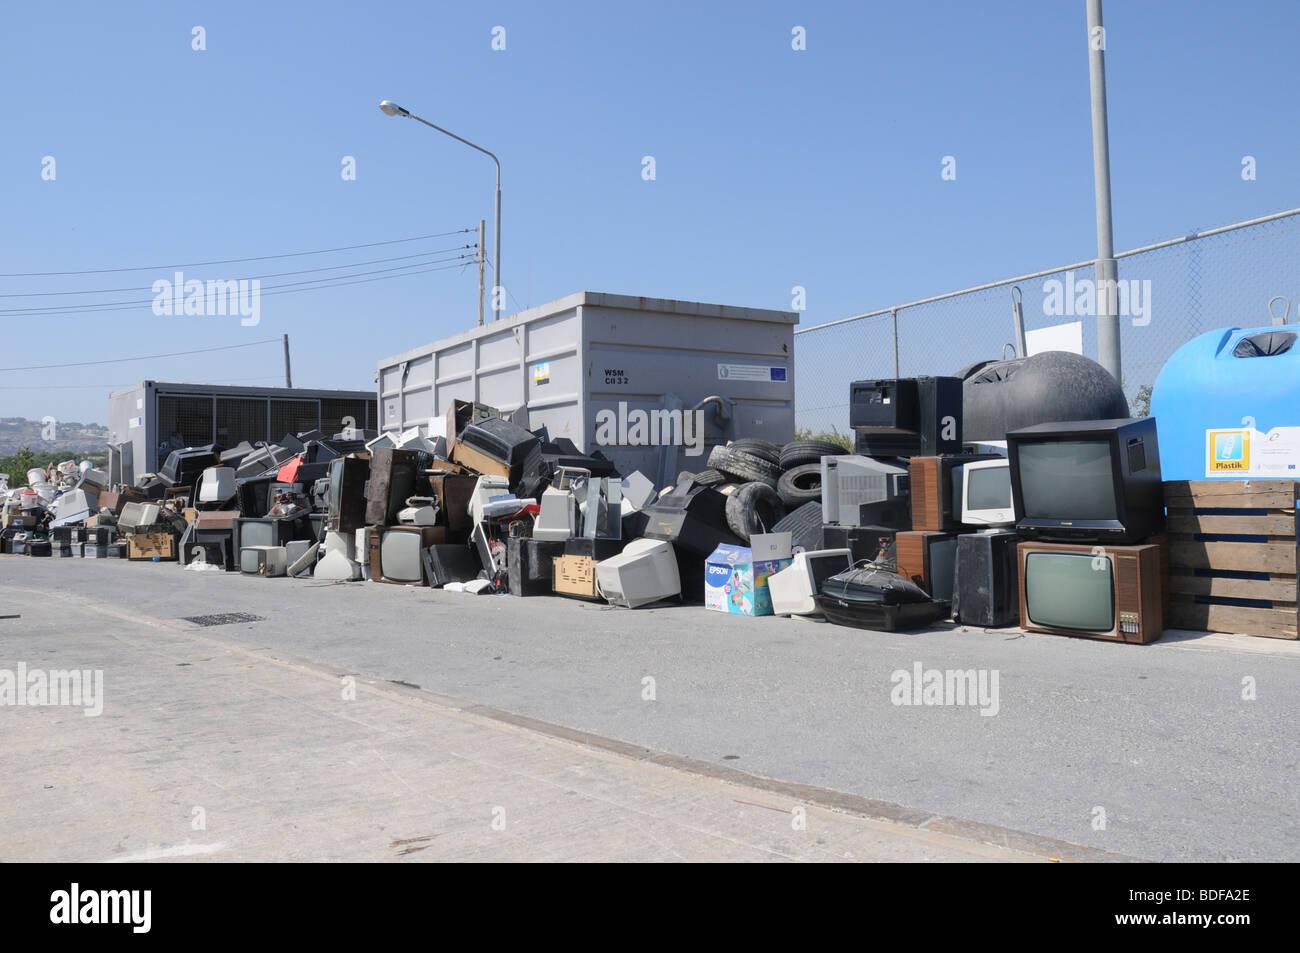 Una sezione in un servizio civili sito dove pneumatici usati e gli apparecchi elettrici sono disposti per il riciclaggio. Immagini Stock